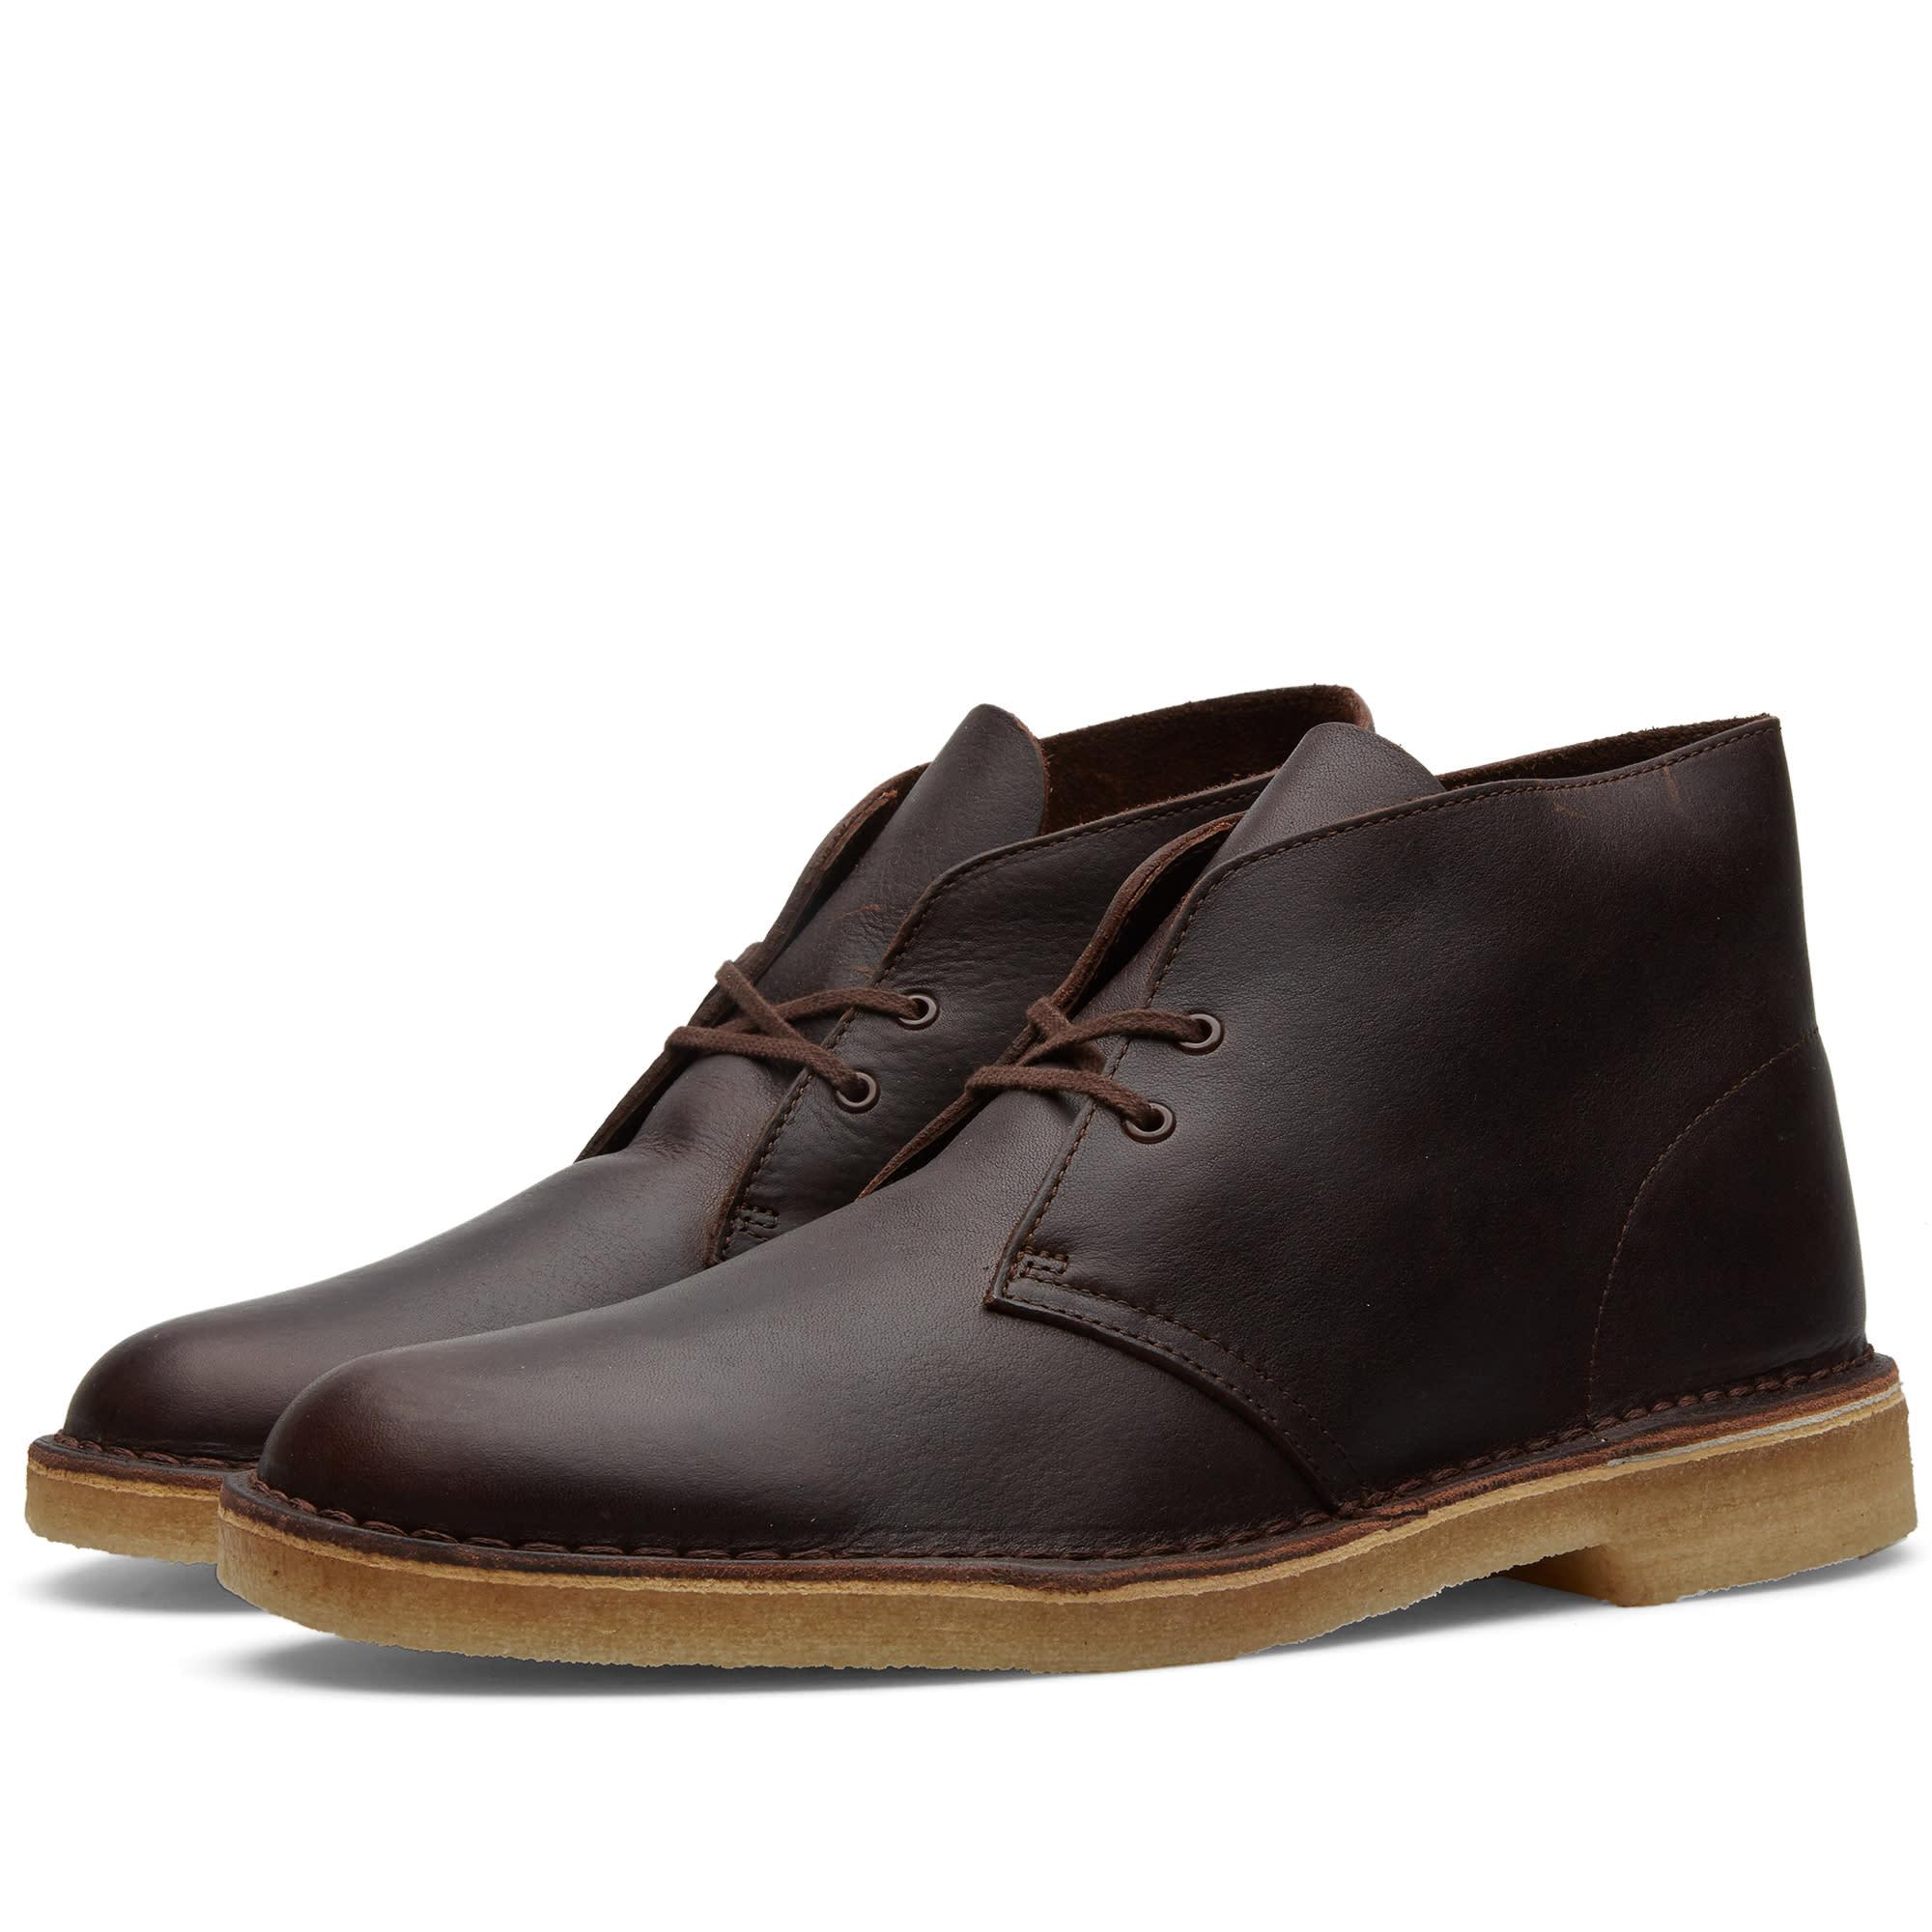 clarks originals desert boot brown tumbled leather. Black Bedroom Furniture Sets. Home Design Ideas